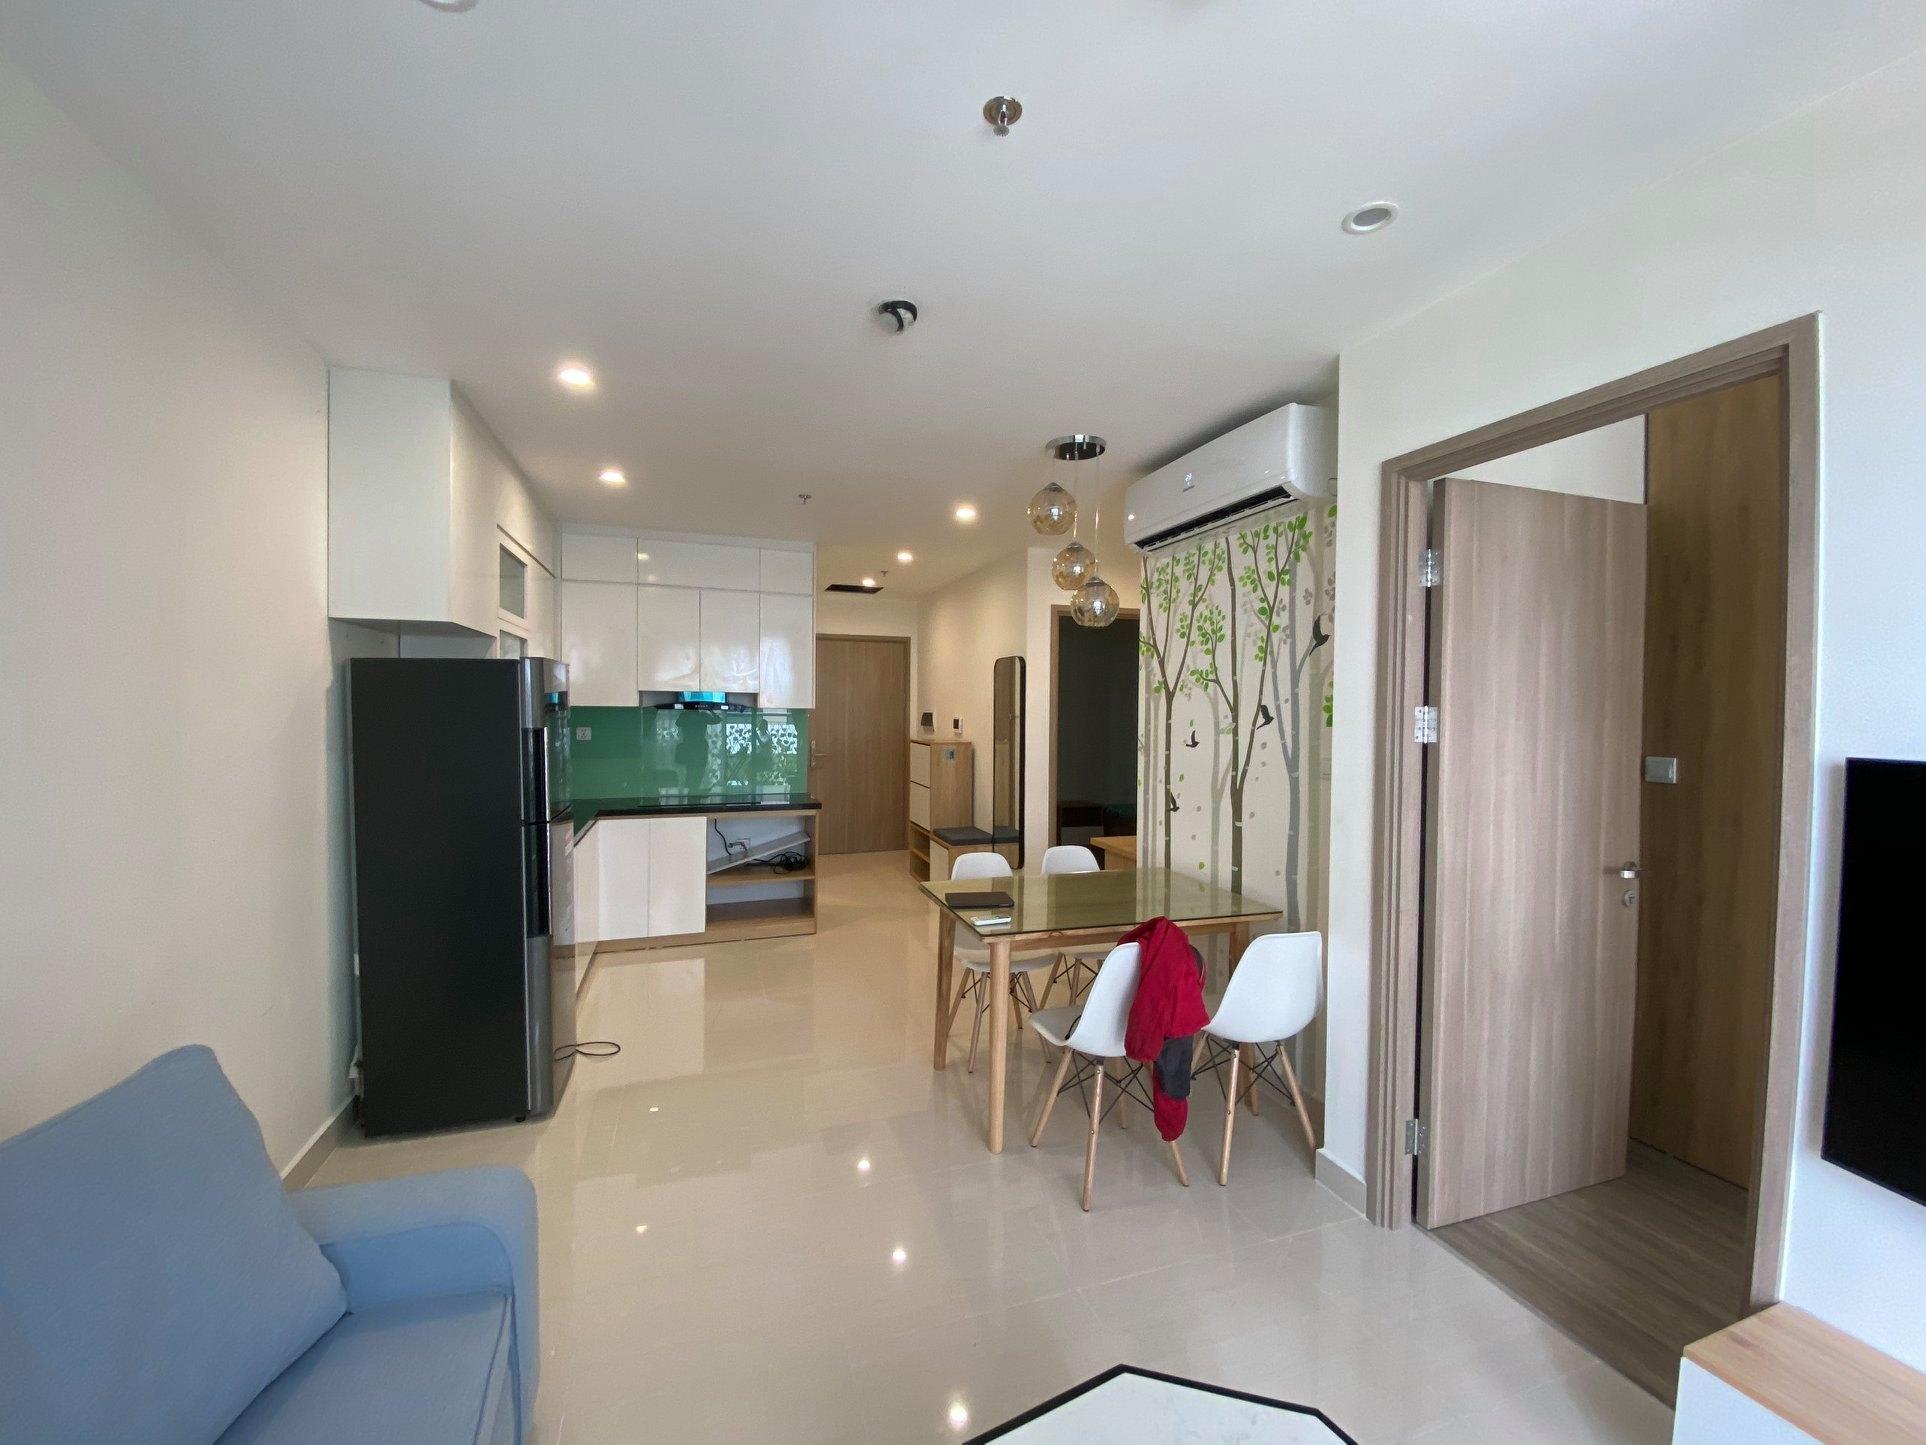 Thiết kế nội thất chung cư Vinhomes Ocean Park - Căn hộ 2 phòng ngủ